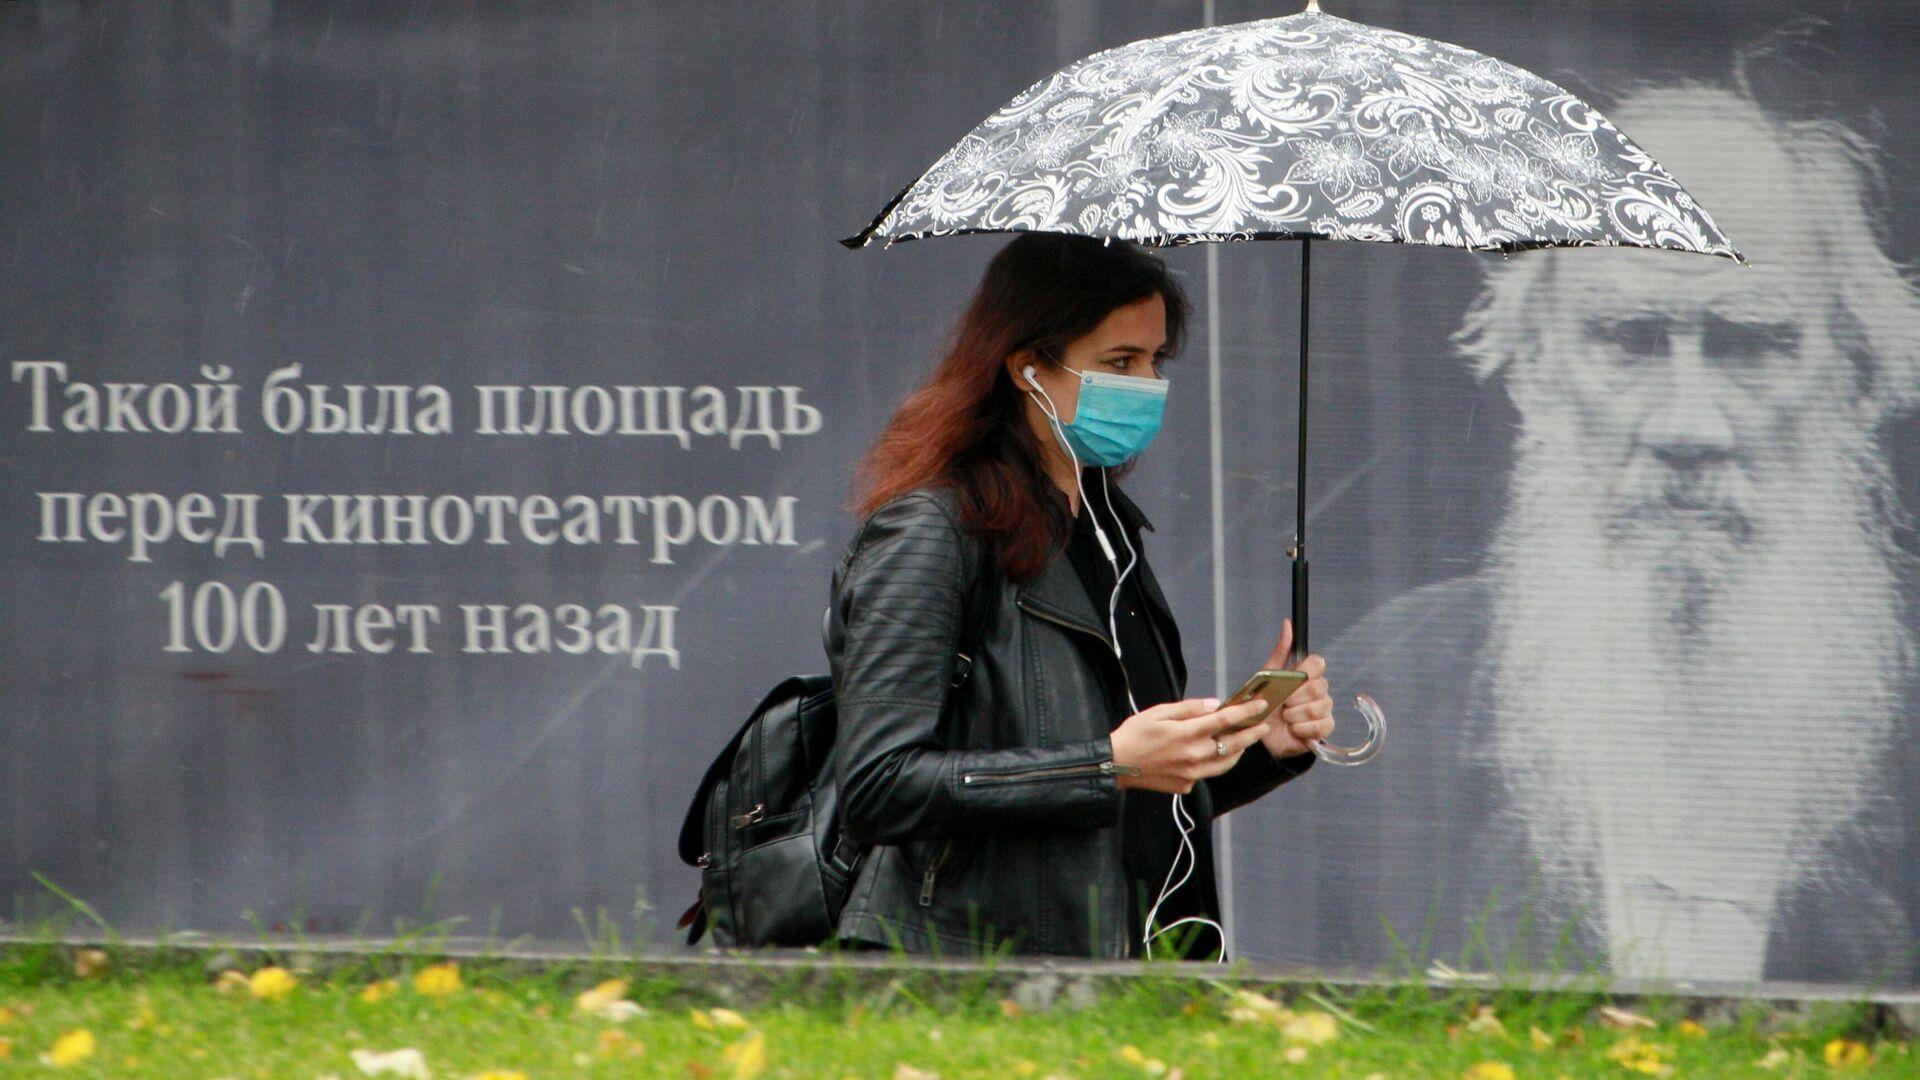 Власти Москвы считают достаточными введенные меры по коронавирусу